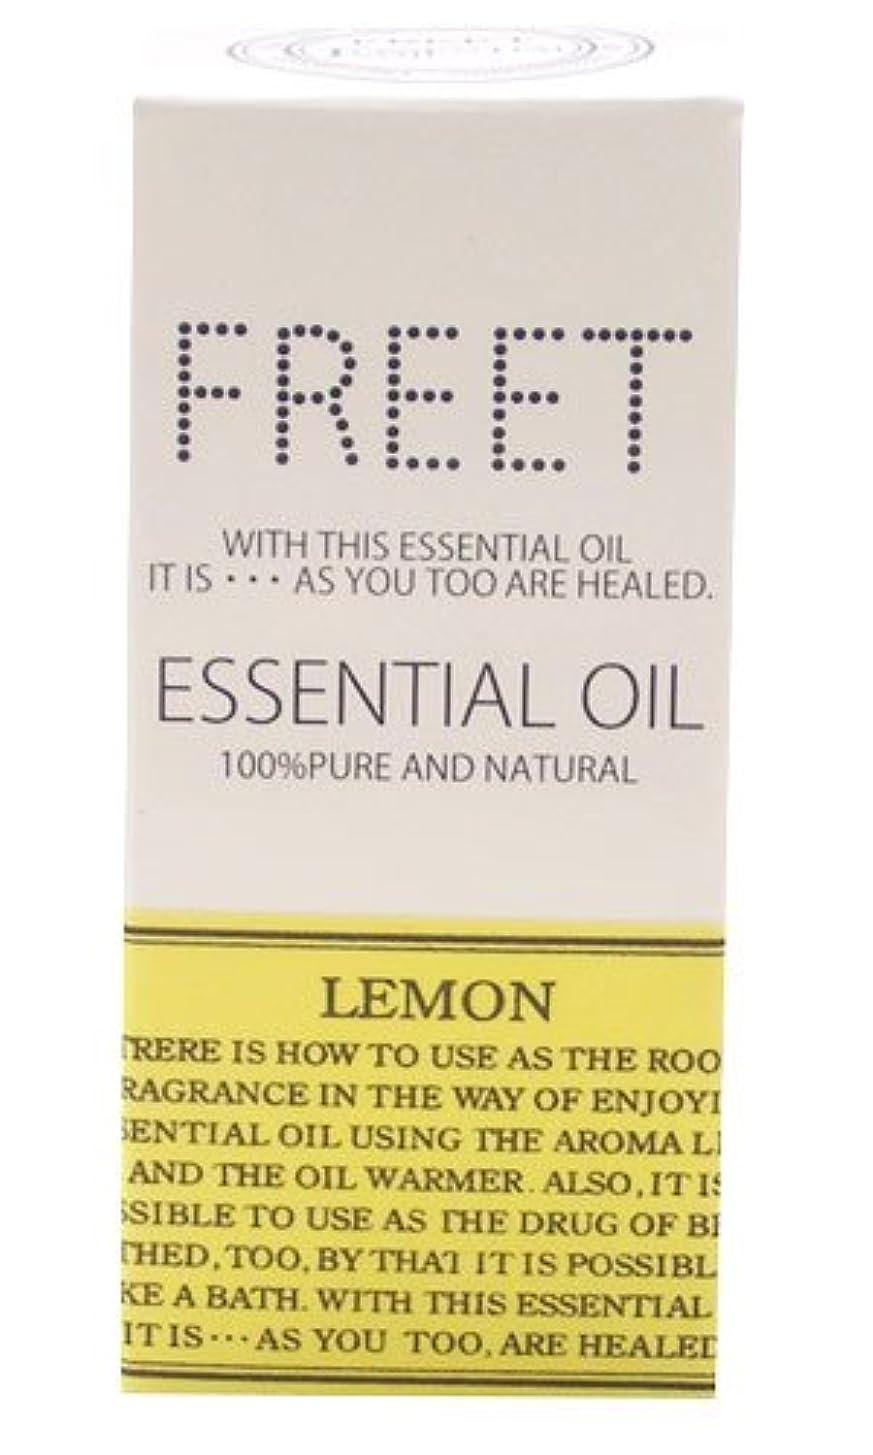 環境に優しい異邦人保安フリート エッセンシャルオイル レモン 5ml